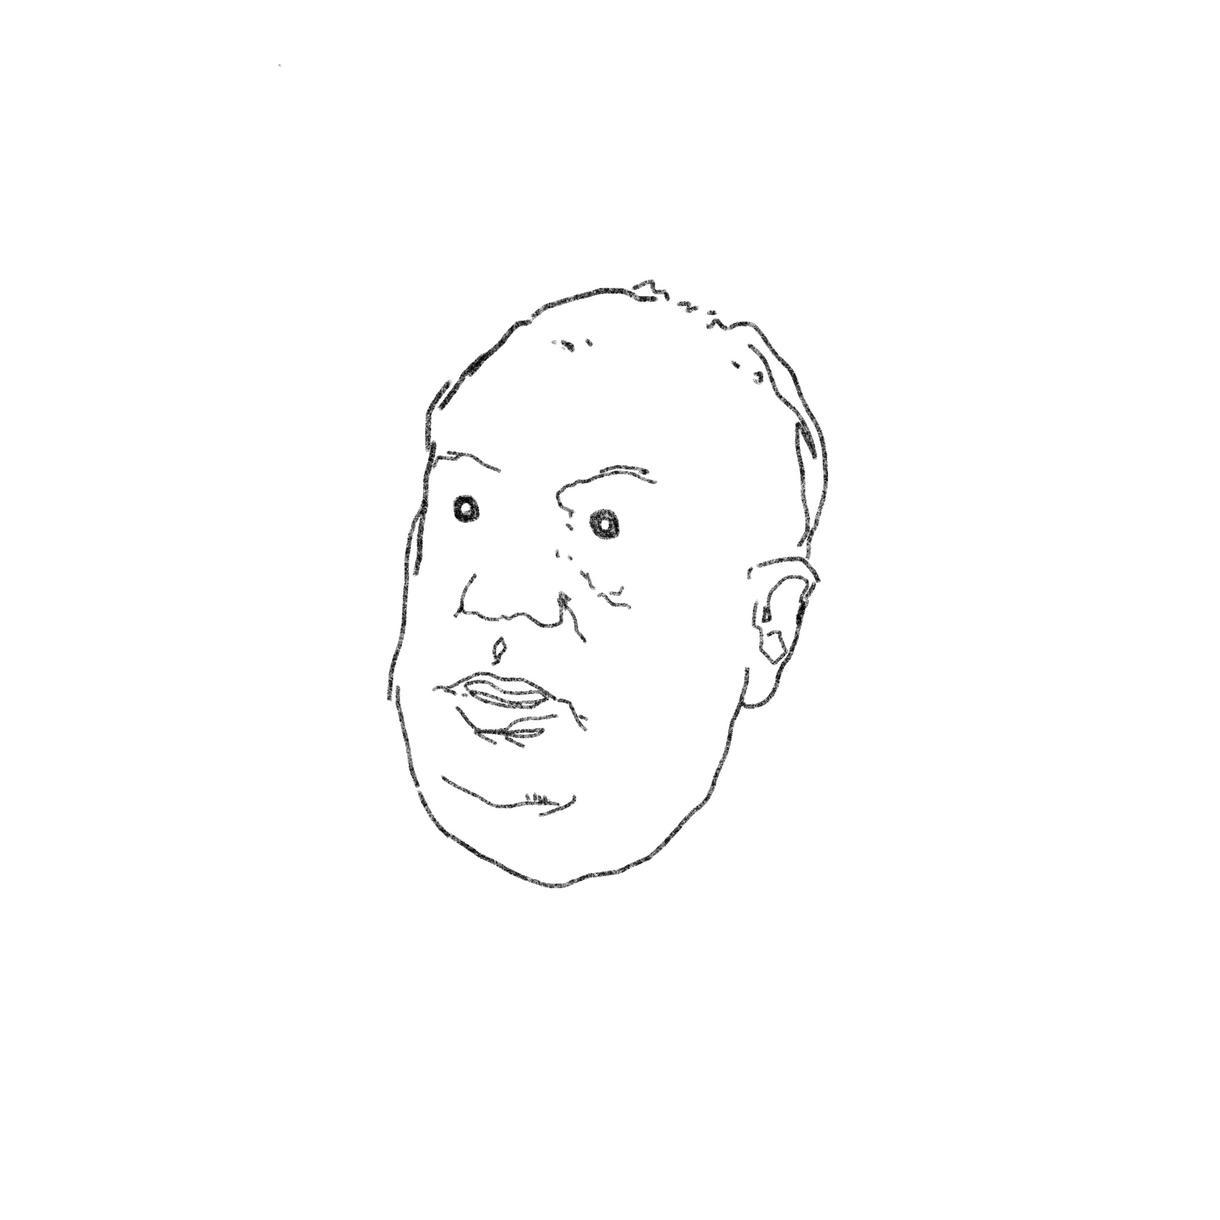 似顔絵、イラストお描きします SNSなどのアイコンにいかがですか?